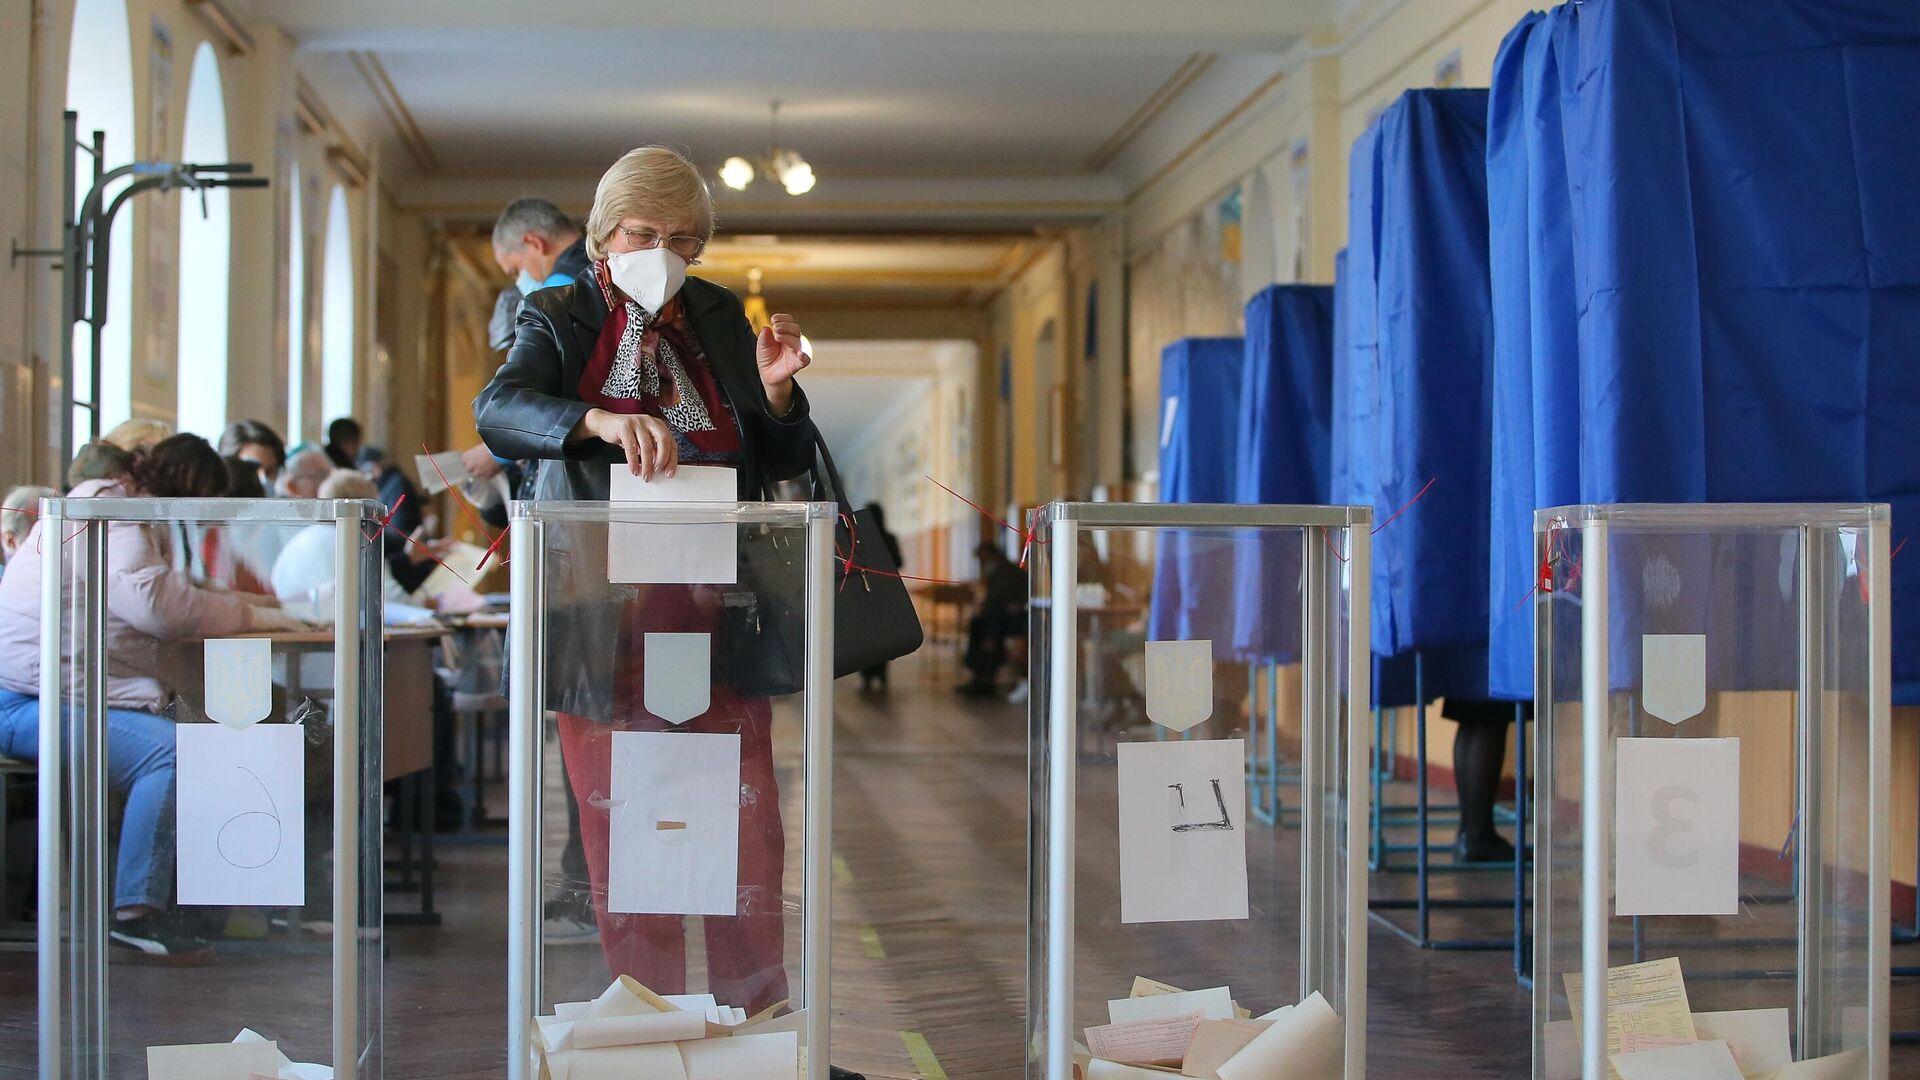 Женщина голосует на одном из избирательных участков в Киеве - РИА Новости, 1920, 26.10.2020